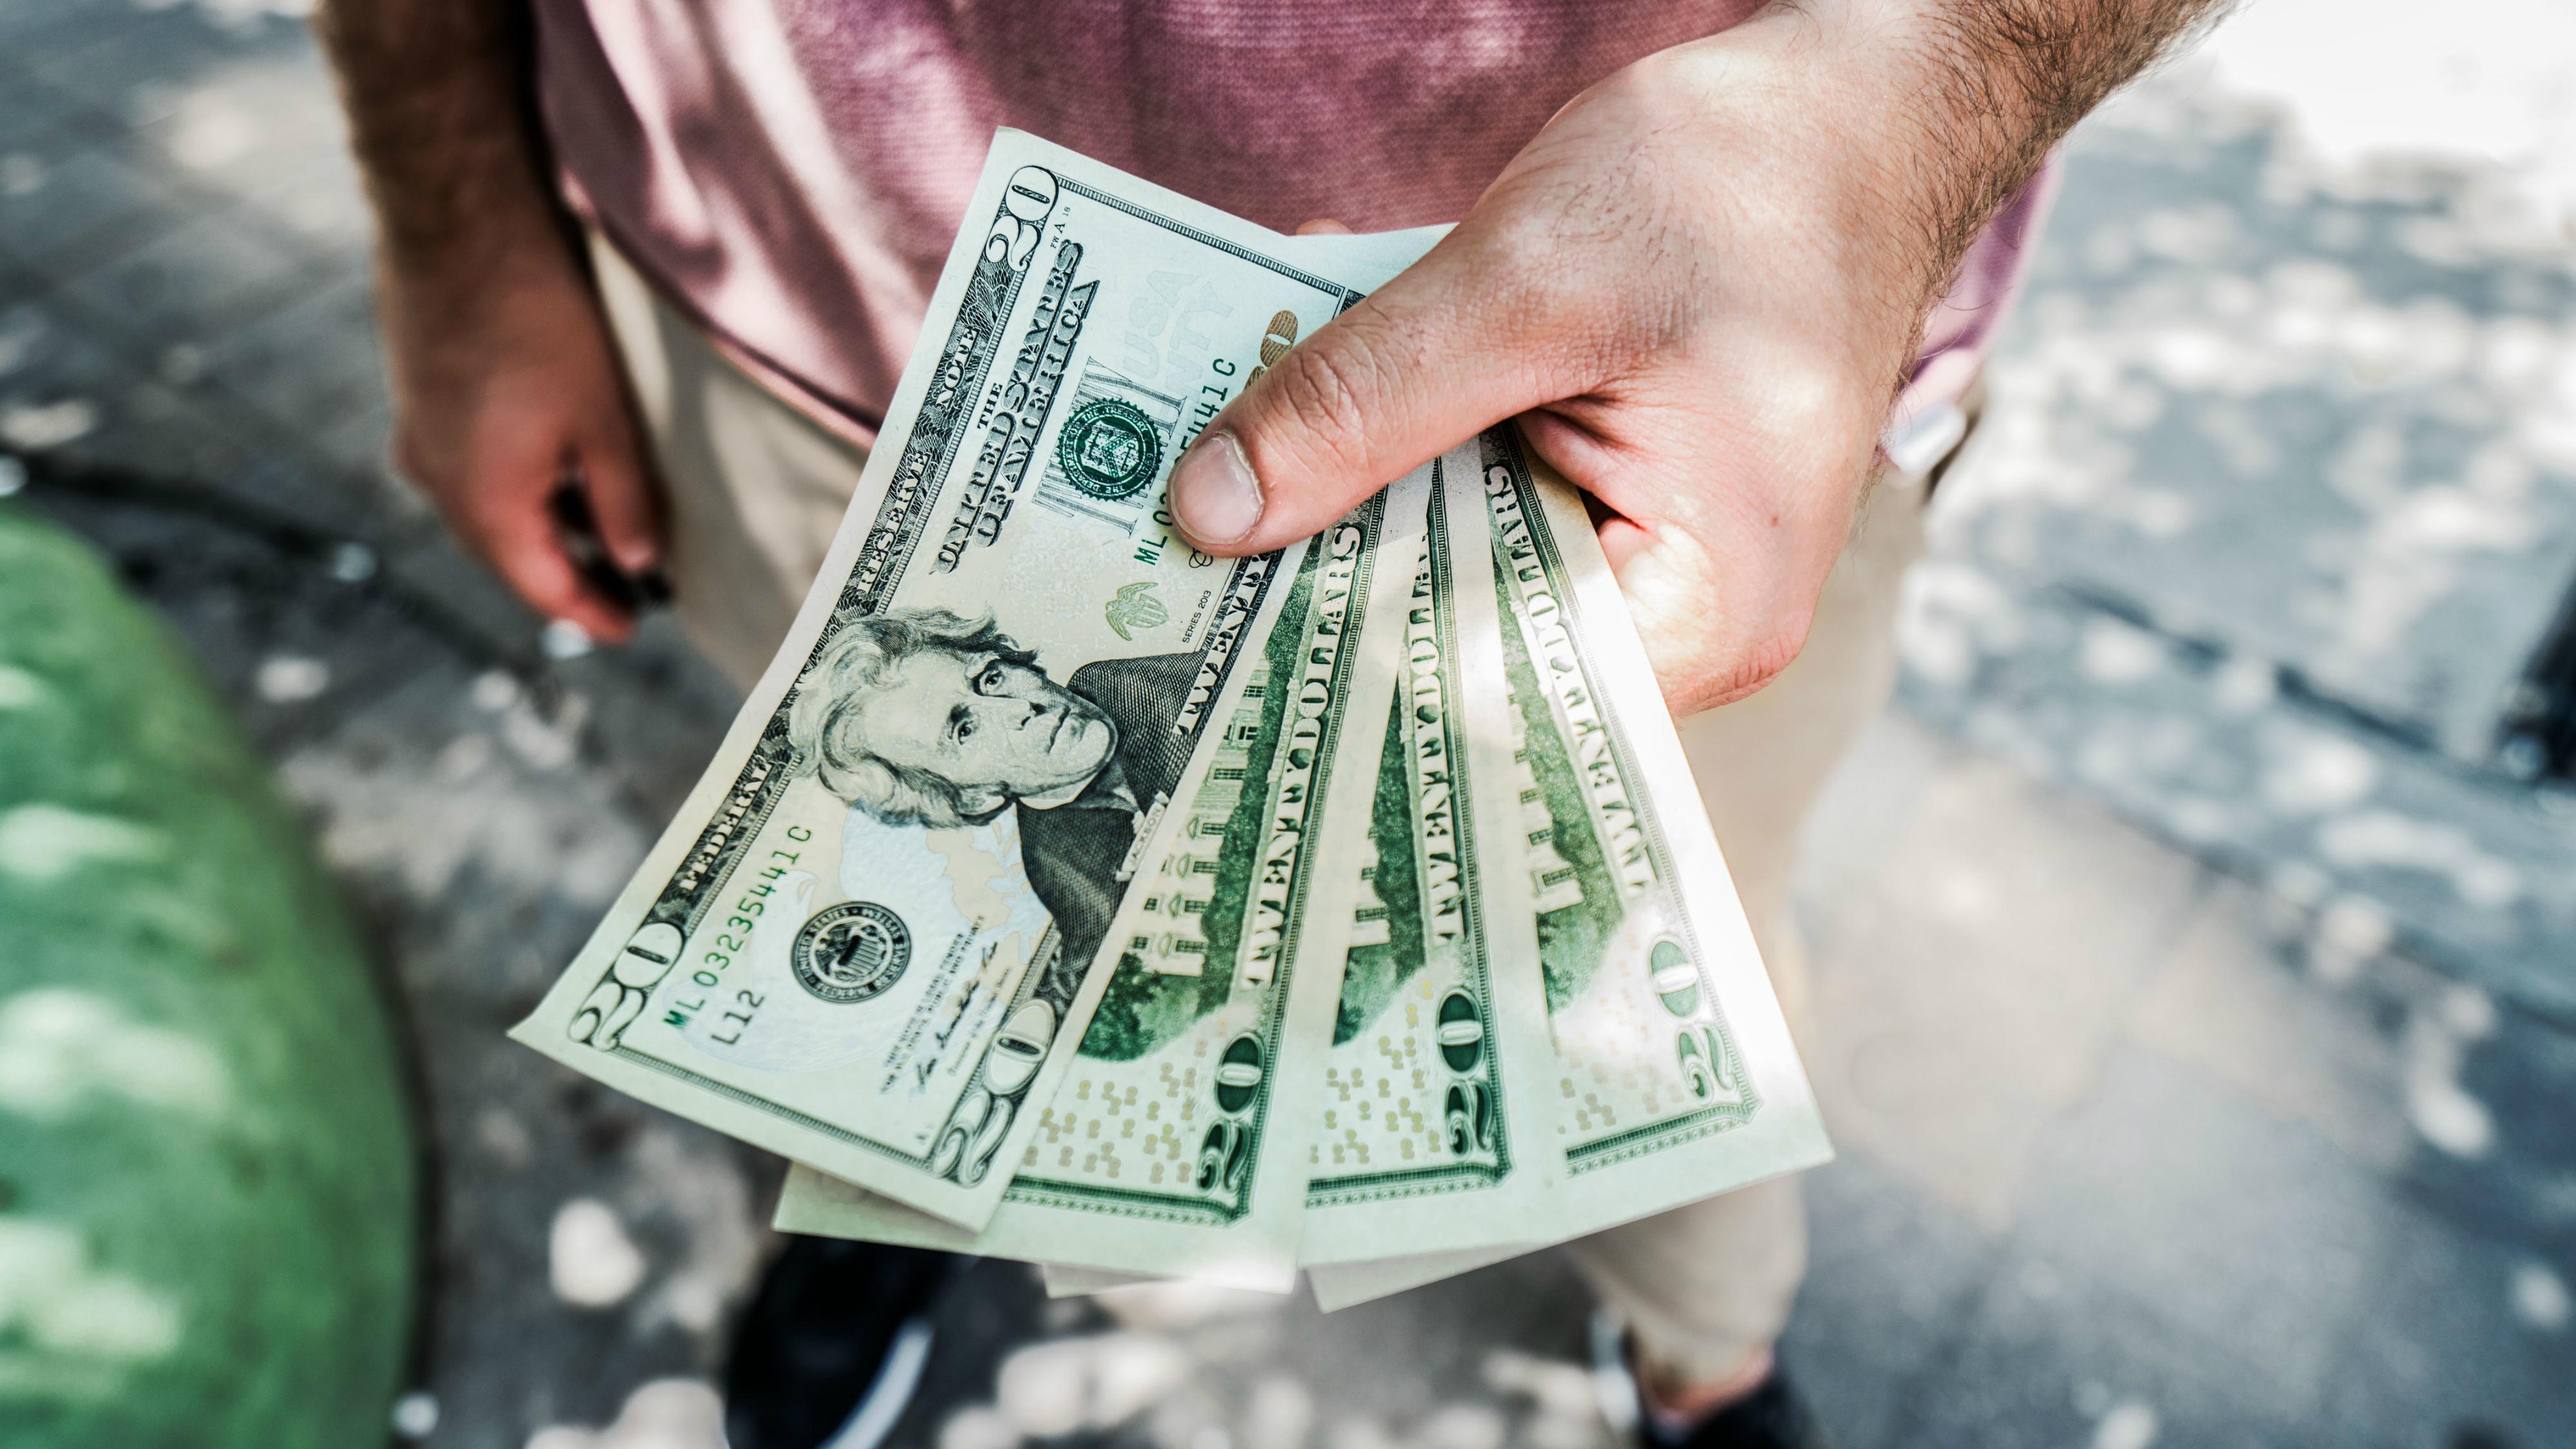 kā nopelnīt naudu ātri un vairāk